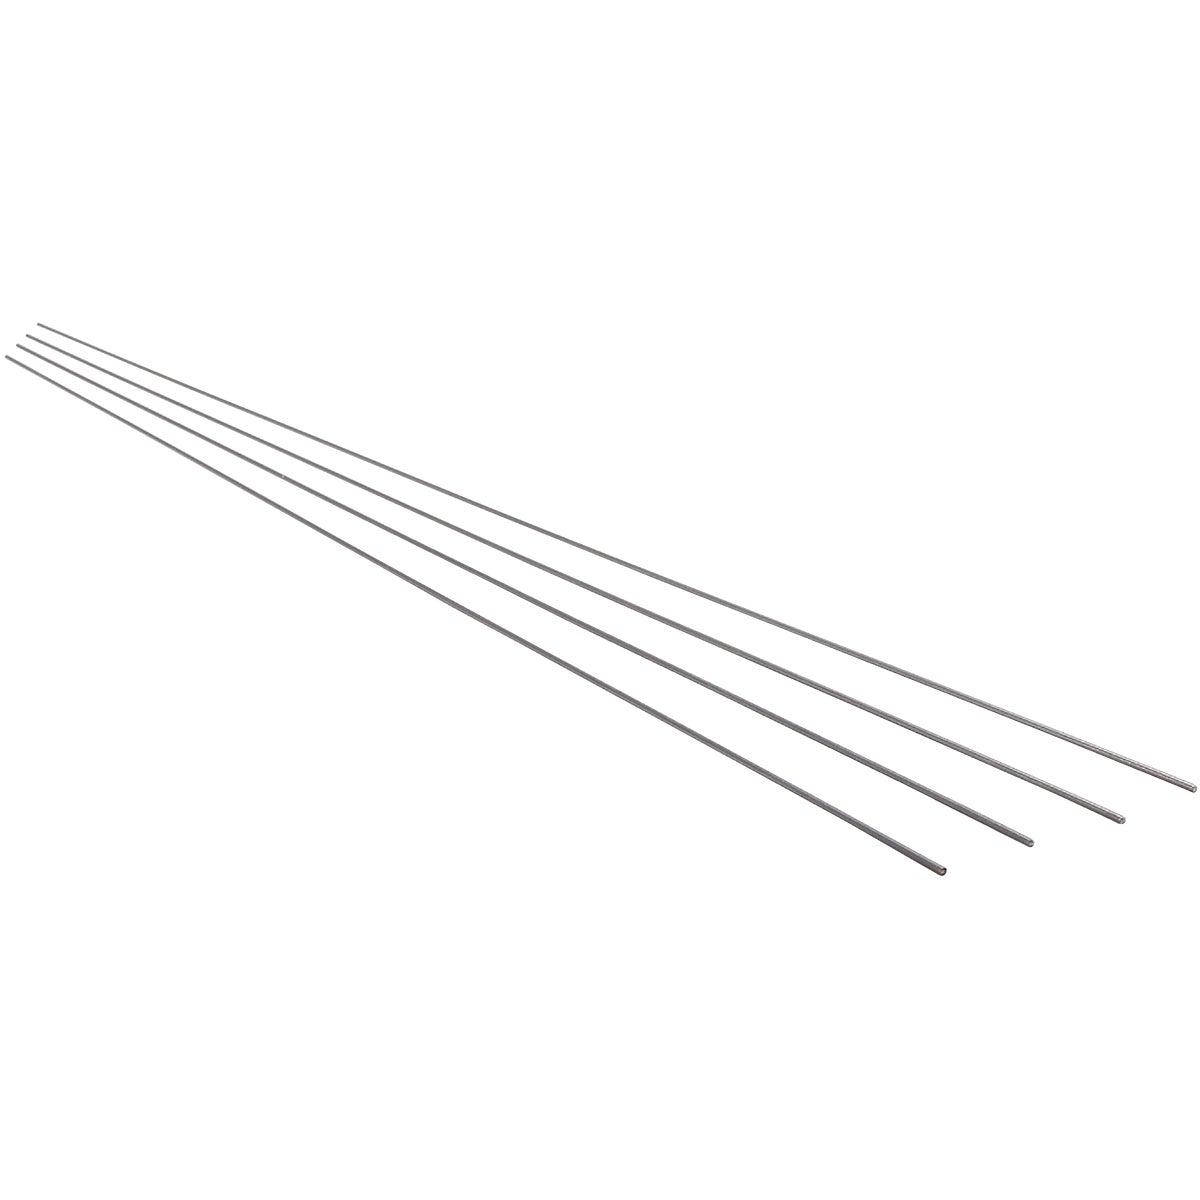 K&S .015 In. x 36 In. Steel Music Wire